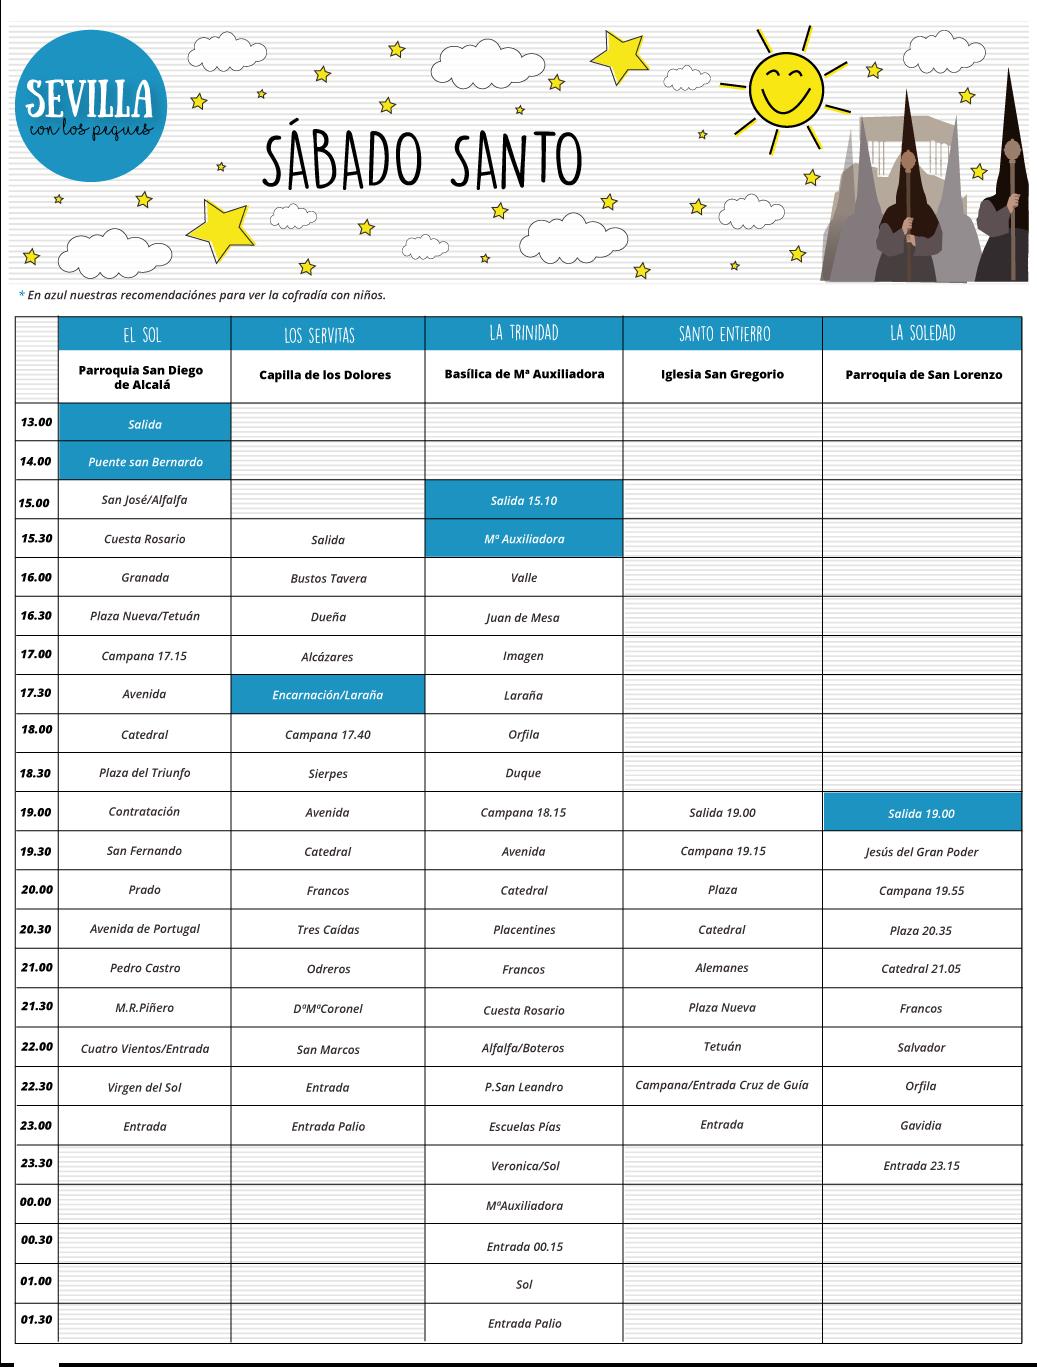 Itinerario sábado Santo e itinerario de Domingo de Resurreccion de la Semana Santa de Sevilla | Sevilla con los peques